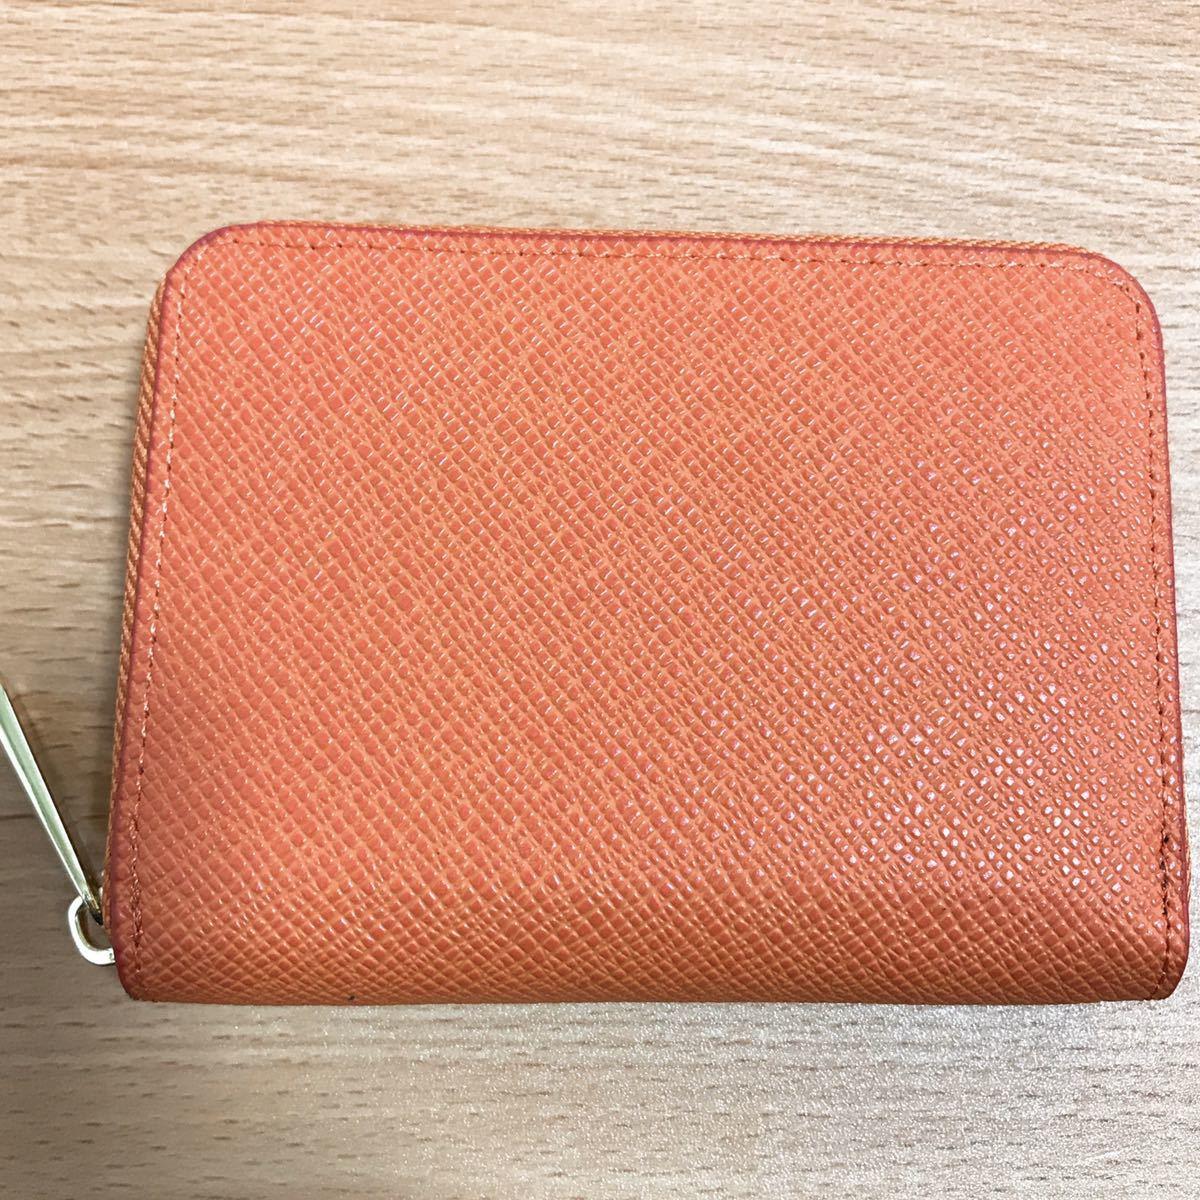 コインケース オレンジ ラウンドファスナー 小銭入れ カードケース 大容量